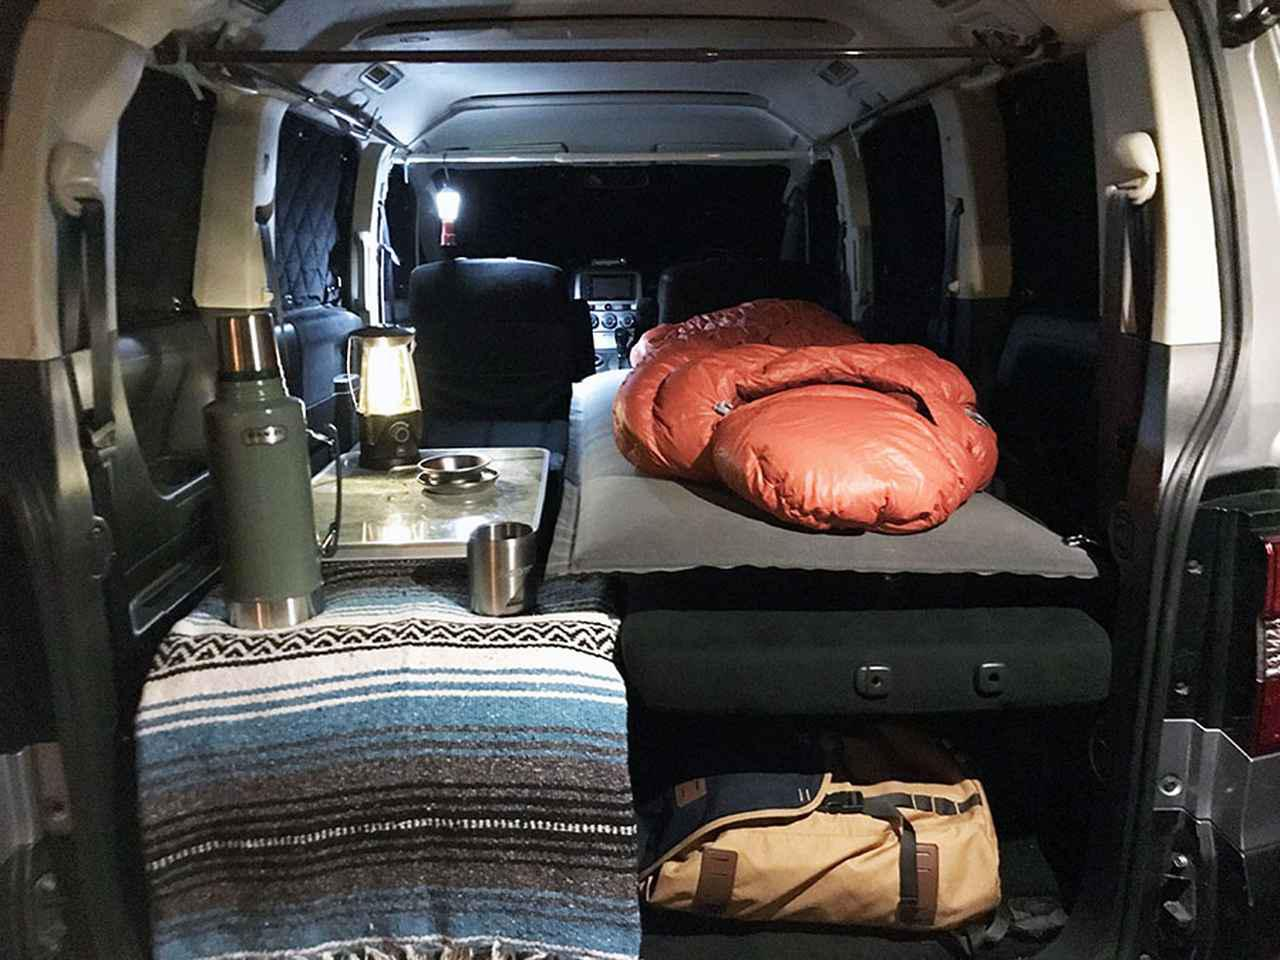 画像2: 車中泊専門誌『カーネル』が現在の「車中泊避難」について伝える一冊!